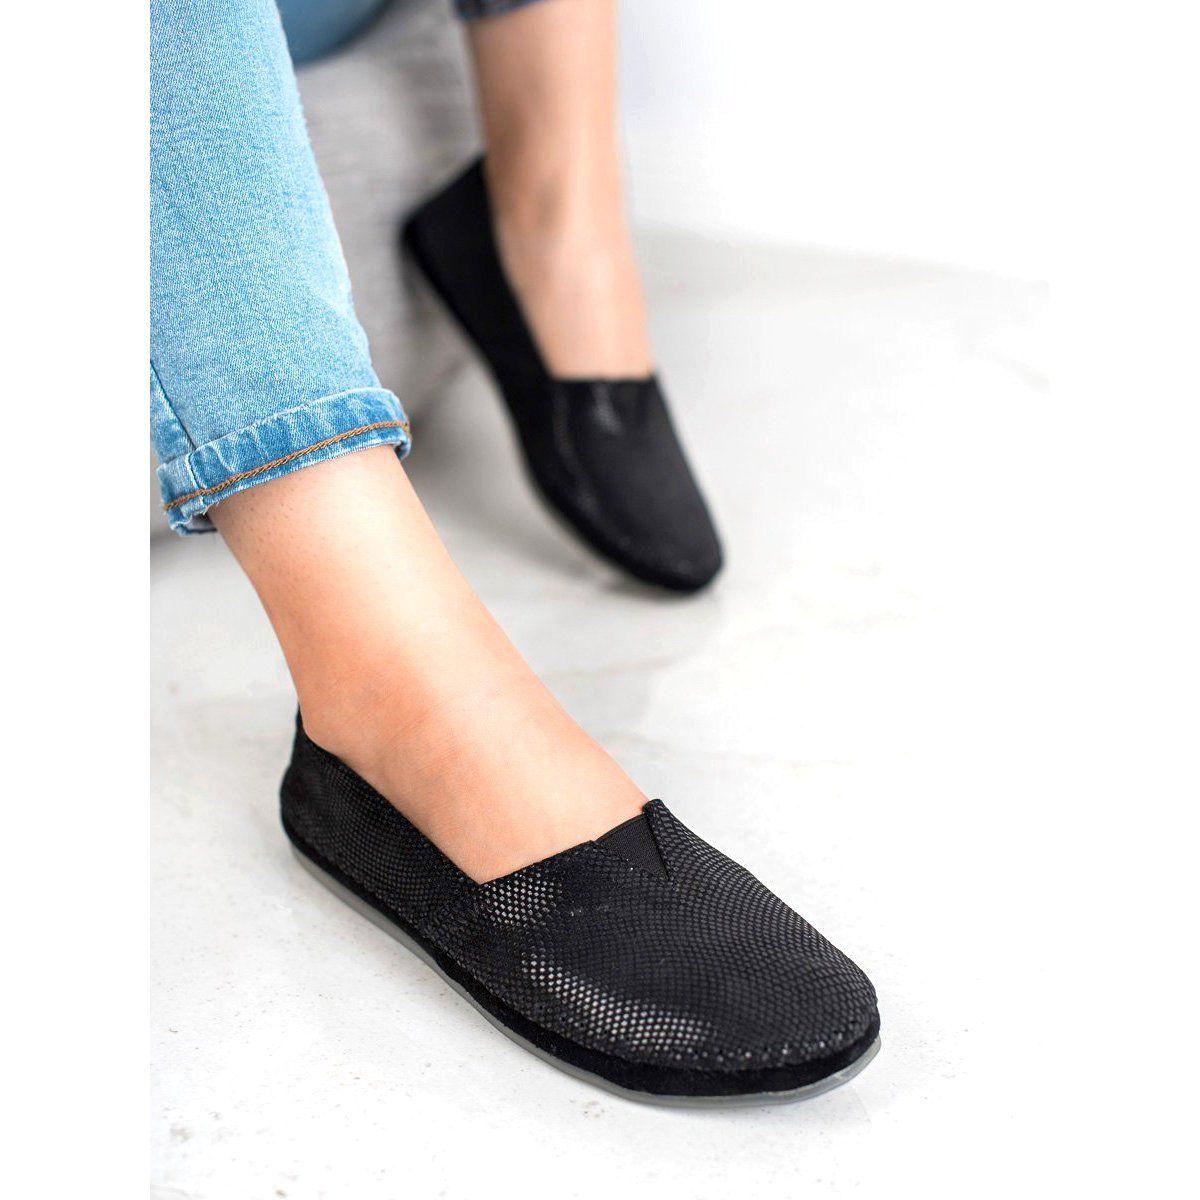 Filippo Czarne Skorzane Trampki Slip Shoes Women Heels Black Leather Sneakers Women Shoes